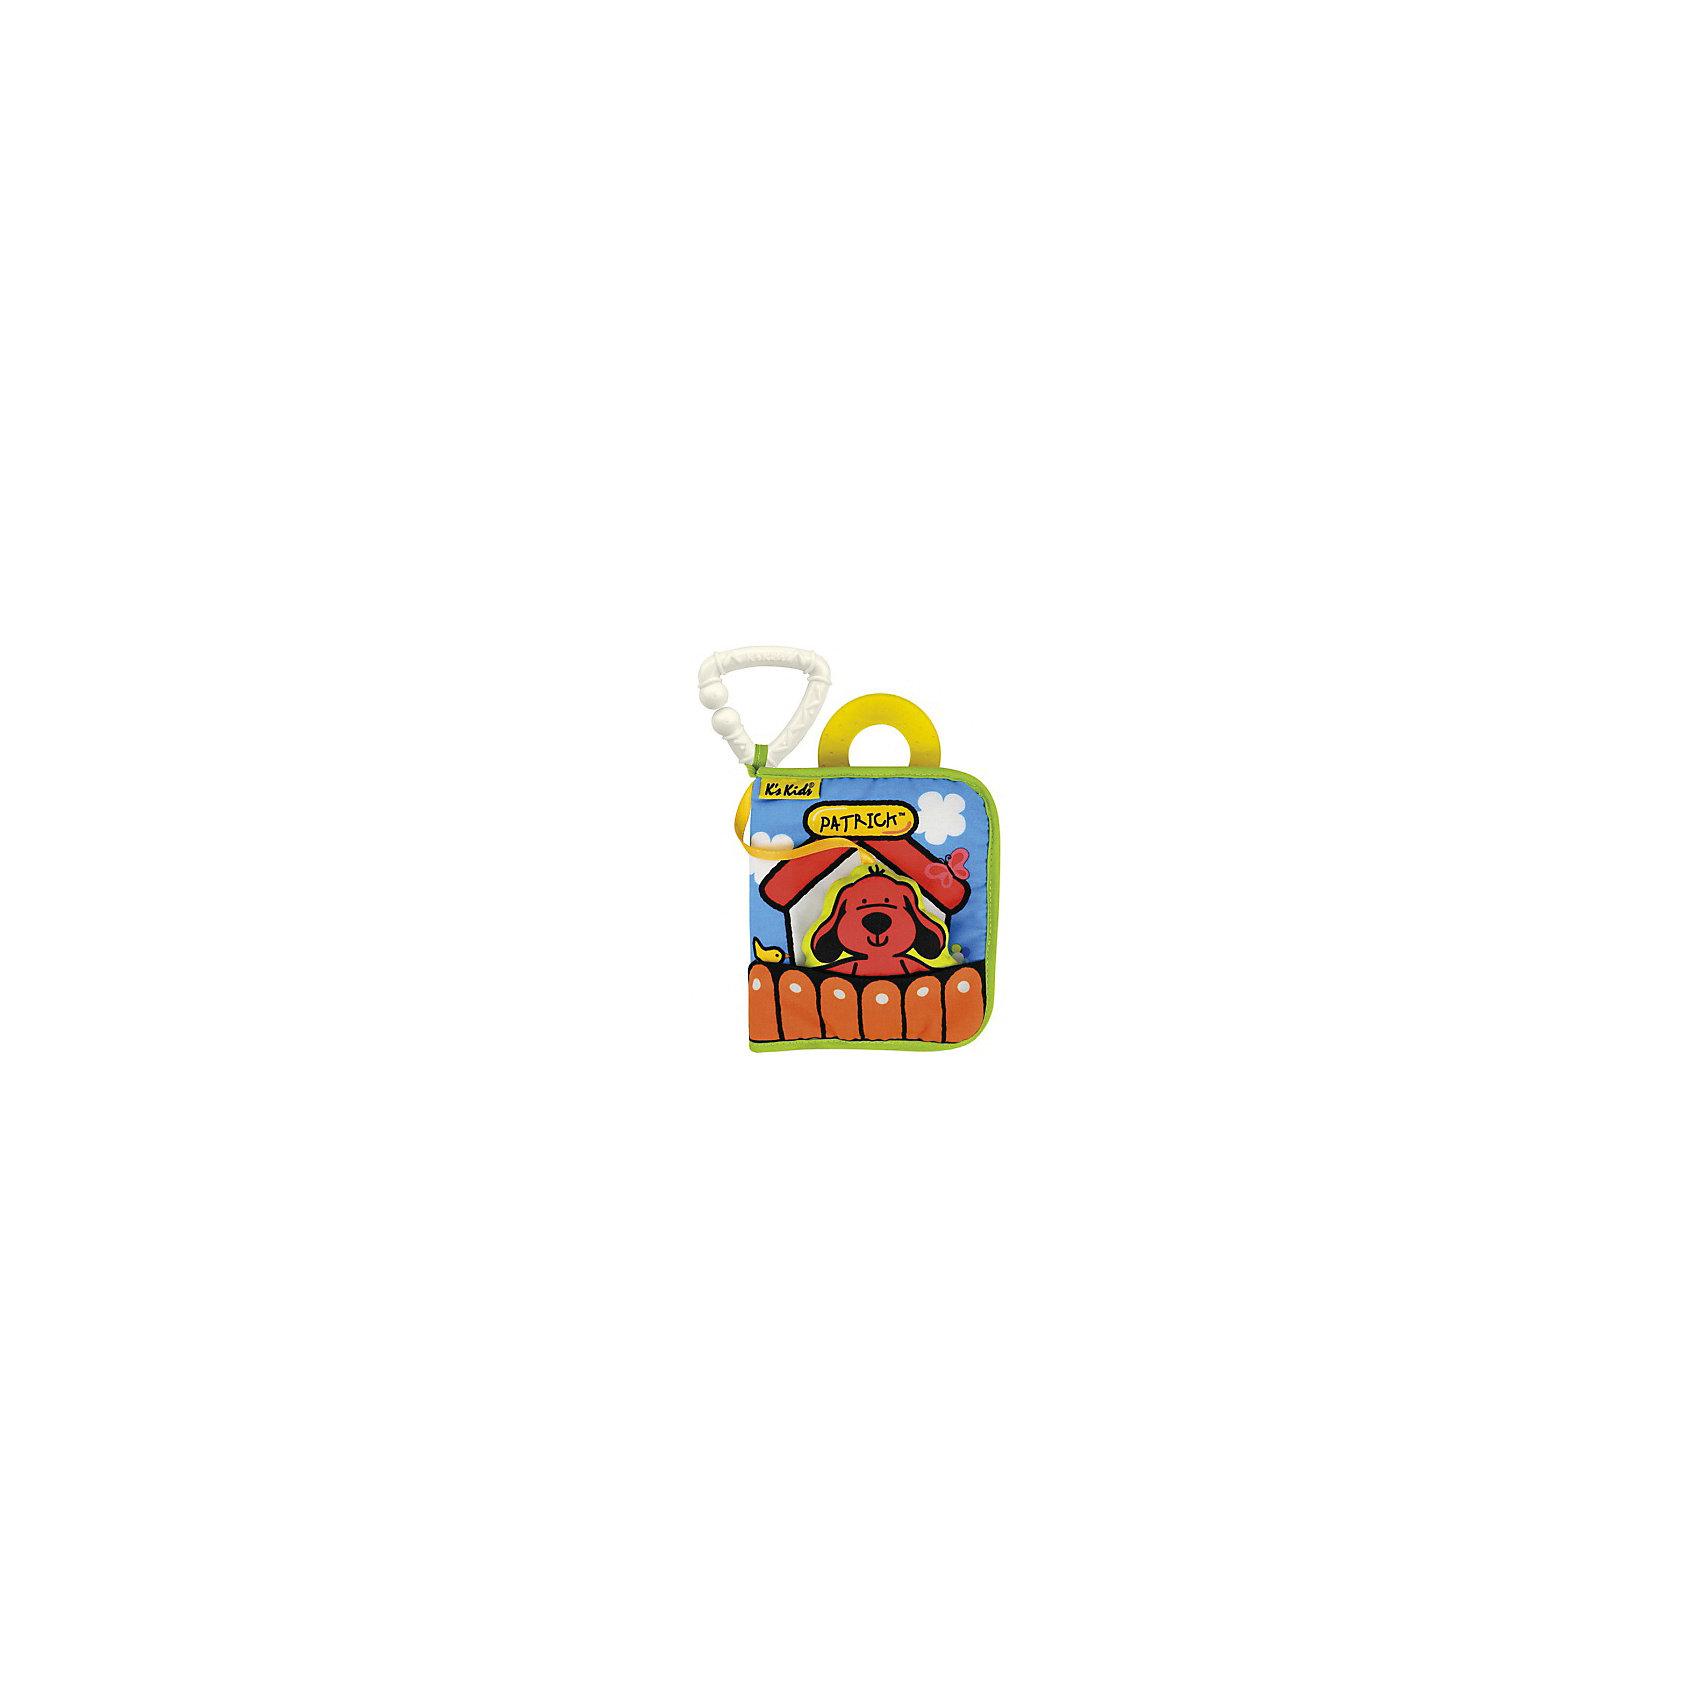 Развивающая мягкая игрушка Первая книжка, Ks KidsКнижки-игрушки<br>Развивающая мягкая игрушка Первая книжка, Ks Kids (Кс Кидс) ? мягкая текстильная книжка, предназначенная для самых маленьких. Эта книжка непременно станет любимой игрушкой вашего ребенка. Каждая страница содержит в себе увлекательное задание, звуковые эффекты и яркие красочные картинки. Как всегда, помогать маленькому читателю будут знаменитые герои ? мальчик Вэйн, собачка Патрик и медвежонок Бобби.<br>В книжке разнообразие развивающих элементов: пуговицы, молнии, шнурки, логические задания. Помимо прочего, с этой книгой ваш малыш познакомится с цифрами, научится определять время и сравнивать цвета и формы.<br>Развивающая мягкая игрушка Первая книжка, Ks Kids (Кс Кидс) направлена не только на комплексную сенсомоторику, но и на интеллектуальное развитие вашего малыша.<br><br>Дополнительная информация:<br><br>- Вид игр: развивающие<br>- Предназначение: для дома<br>- Материал: текстиль, пластик<br>- Размер: 17*30*4 см<br>- Вес: 114 г<br>- Особенности ухода: разрешается ручная стирка в холодной воде<br><br>Подробнее:<br><br>• Для детей в возрасте: от 0 месяцев до 1 года<br>• Страна производитель: Китай<br>• Торговый бренд: Ks Kids (Кс Кидс)<br><br>Развивающую мягкую игрушку Первая книжка, Ks Kids (Кс Кидс) можно купить в нашем интернет-магазине.<br><br>Ширина мм: 170<br>Глубина мм: 300<br>Высота мм: 40<br>Вес г: 114<br>Возраст от месяцев: 0<br>Возраст до месяцев: 12<br>Пол: Унисекс<br>Возраст: Детский<br>SKU: 4799450